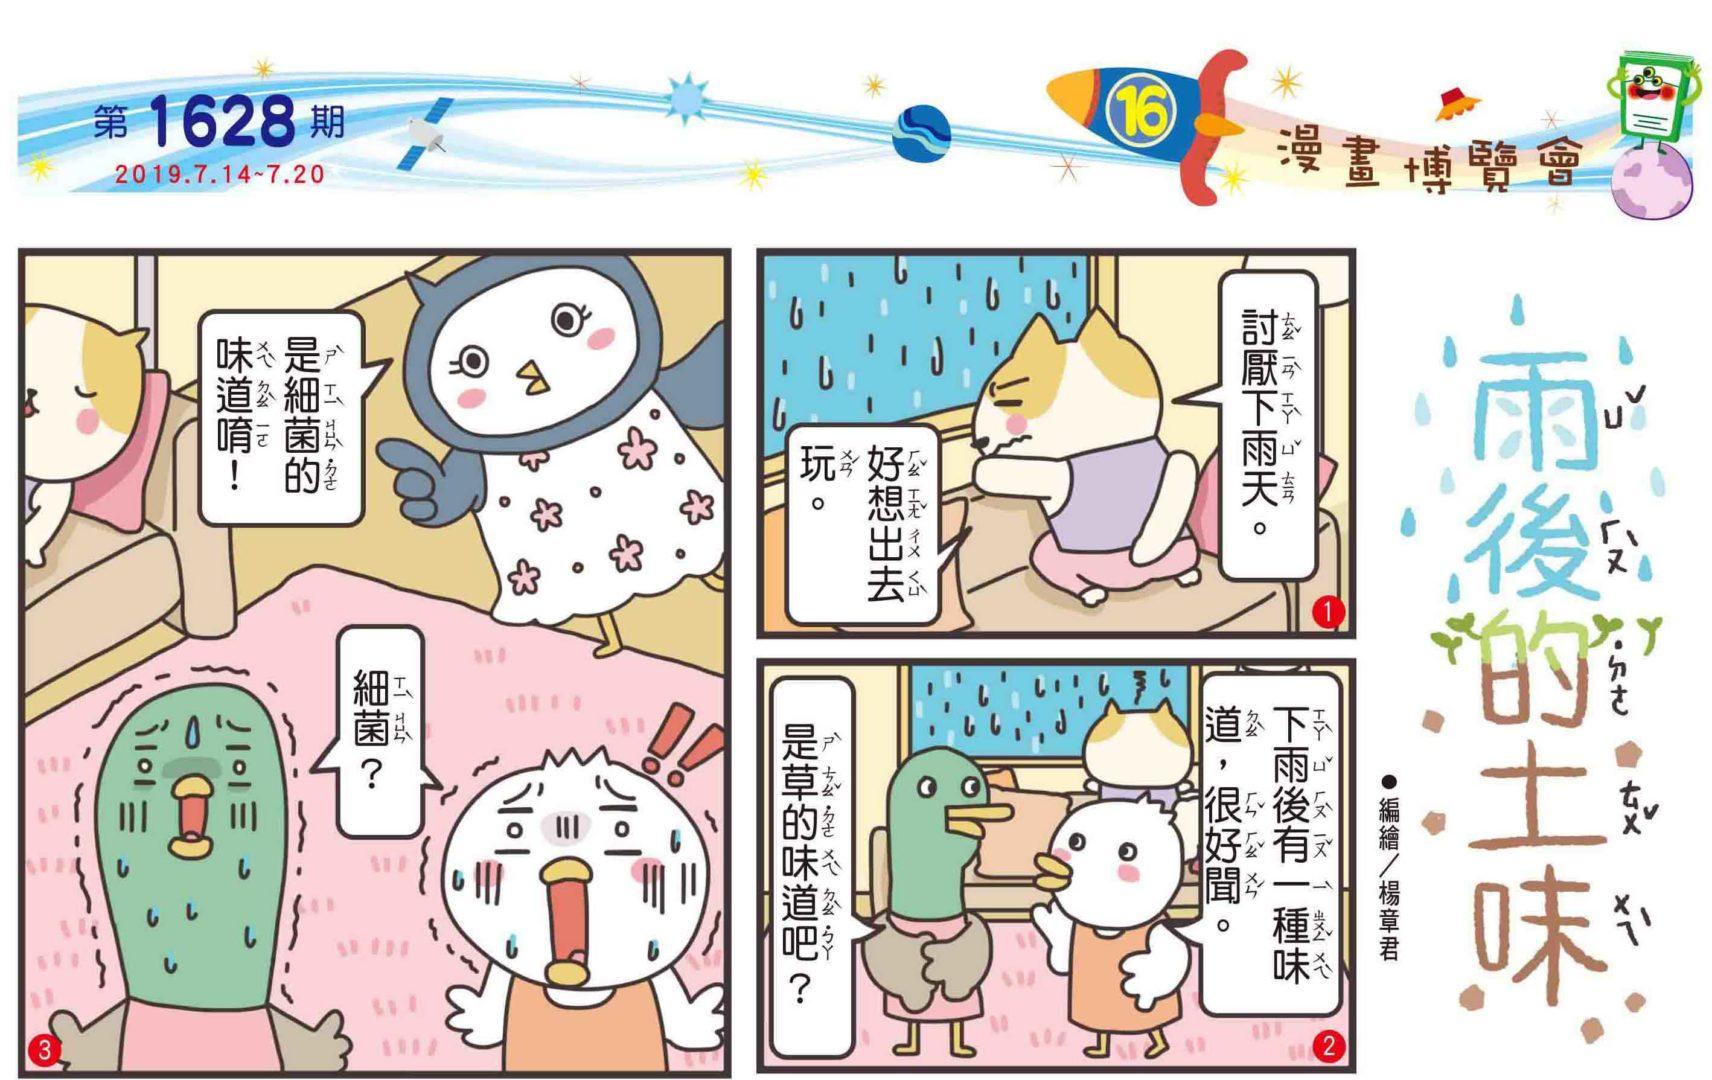 全國兒童週刊第1628期 漫畫- 雨後的土味